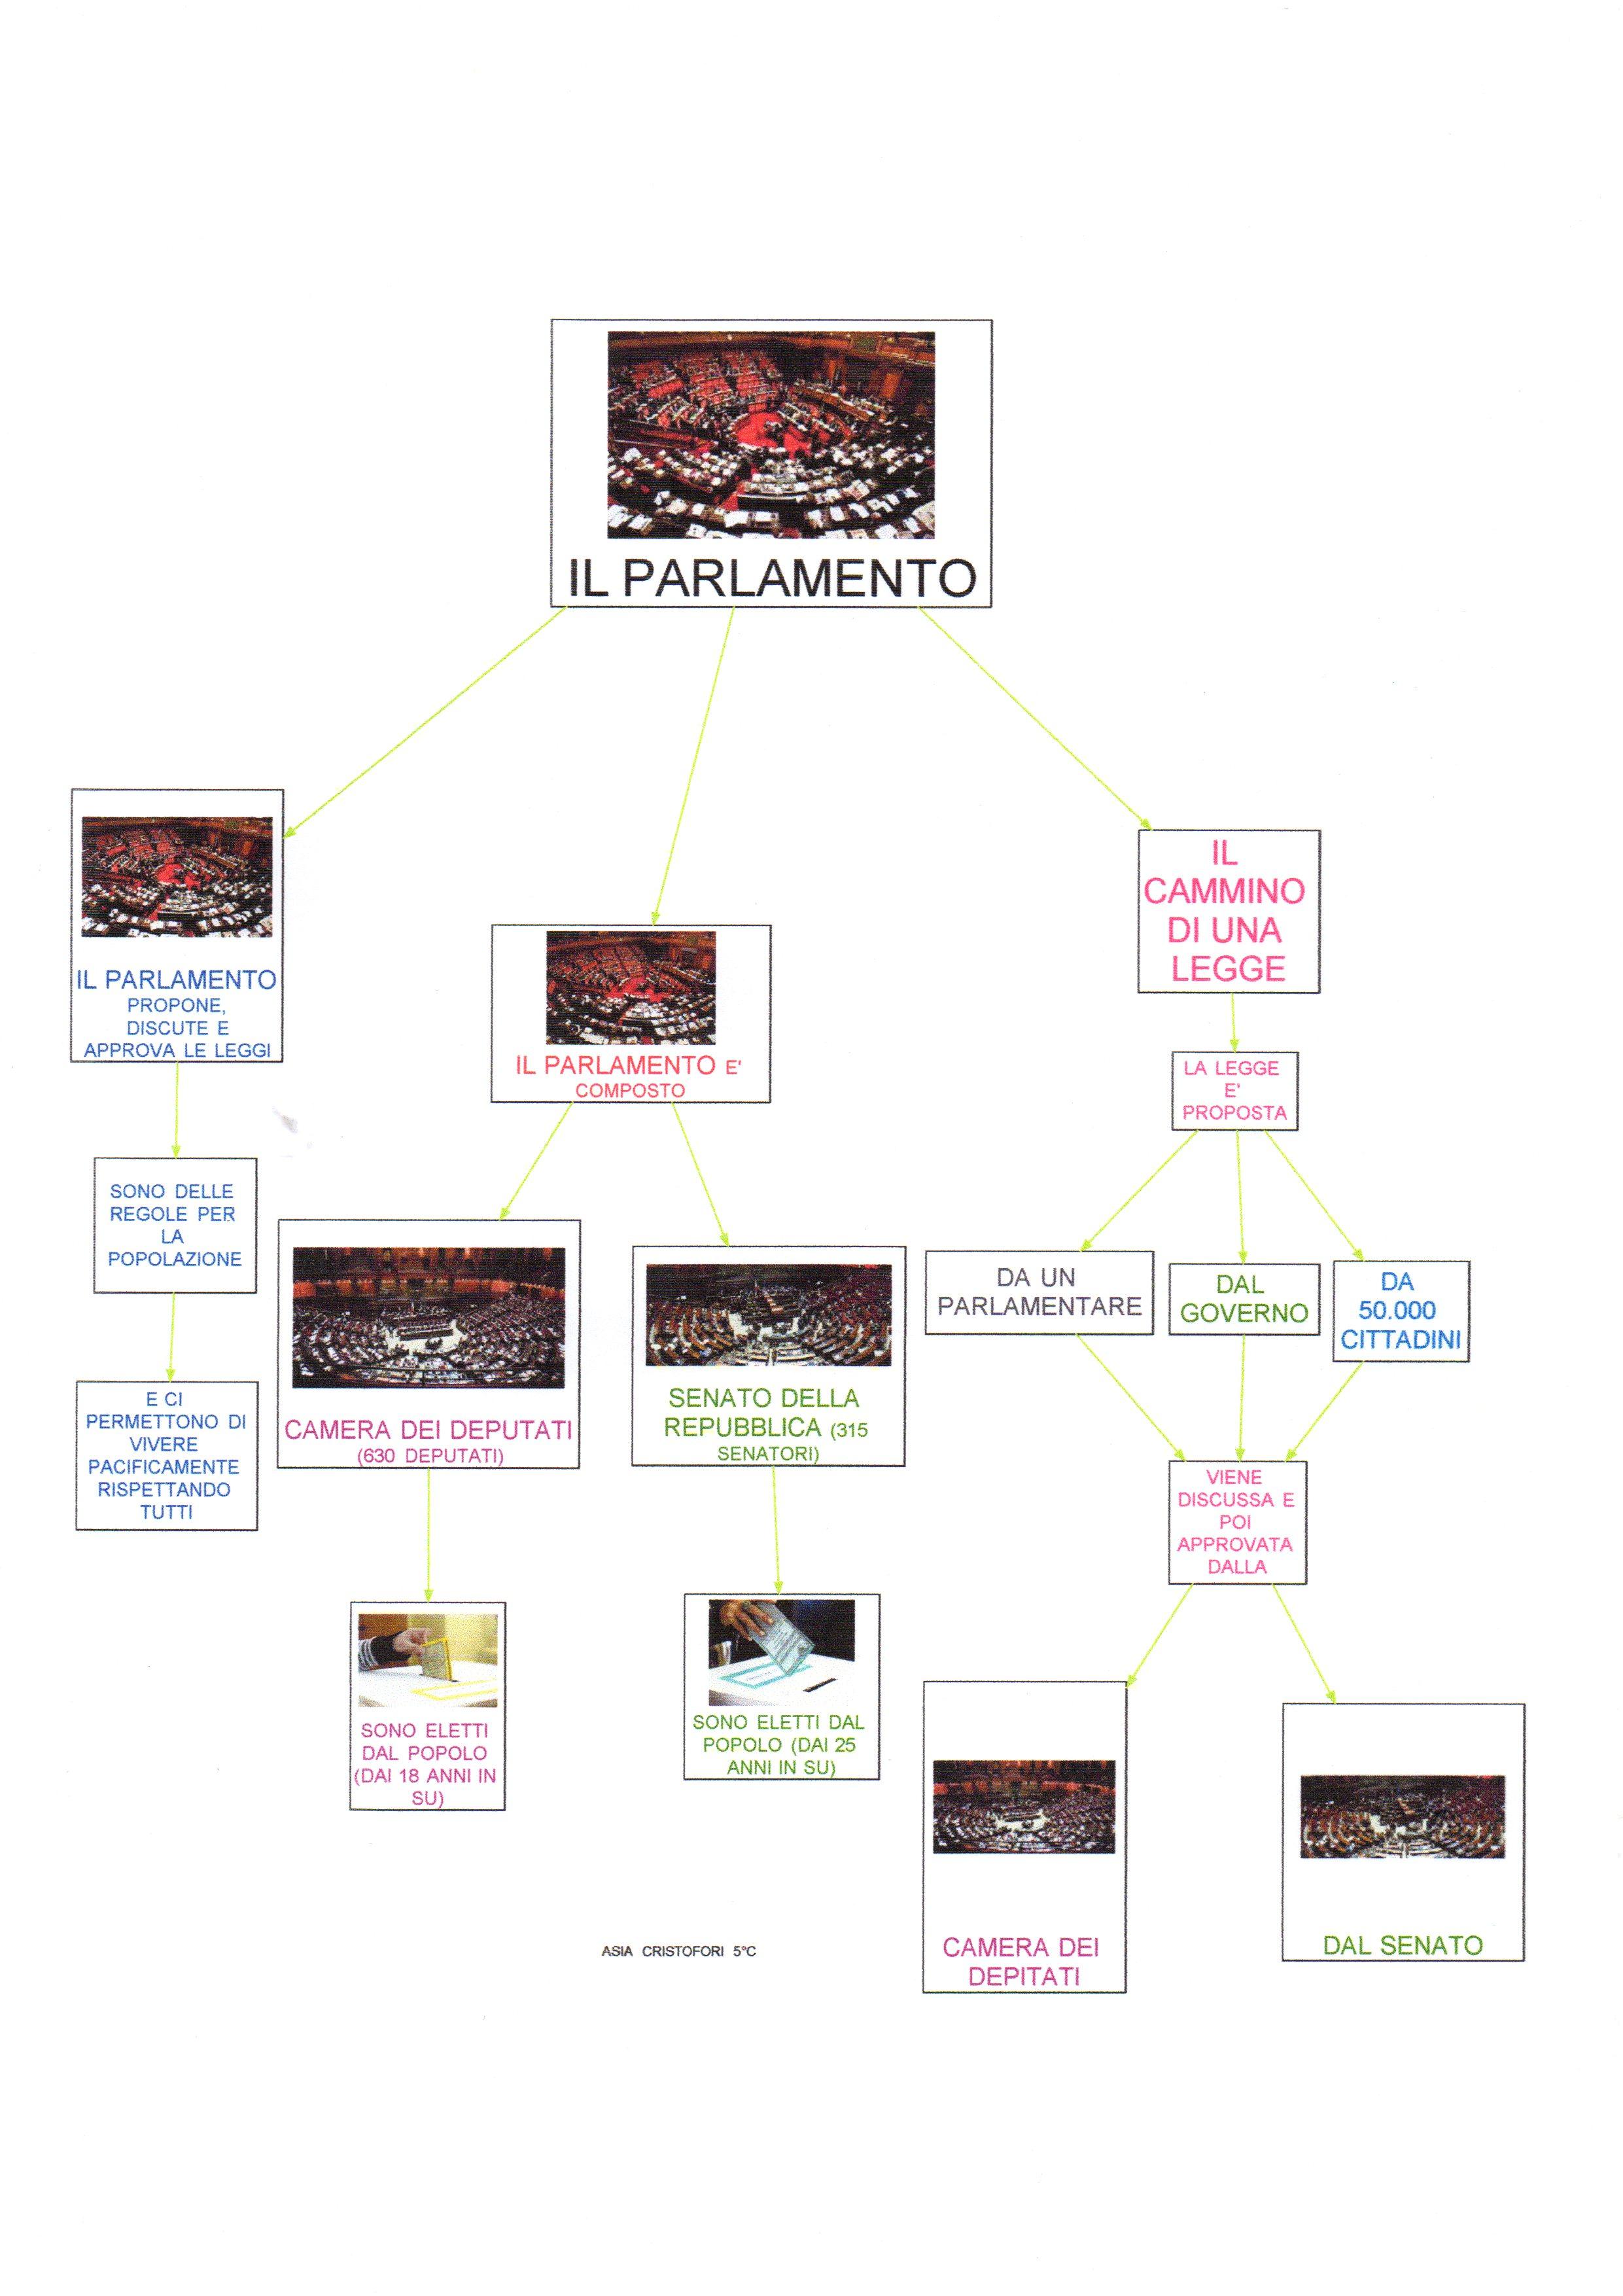 Mappa storia parlamento italiano dislessia discalculia for Parlamento italiano schema